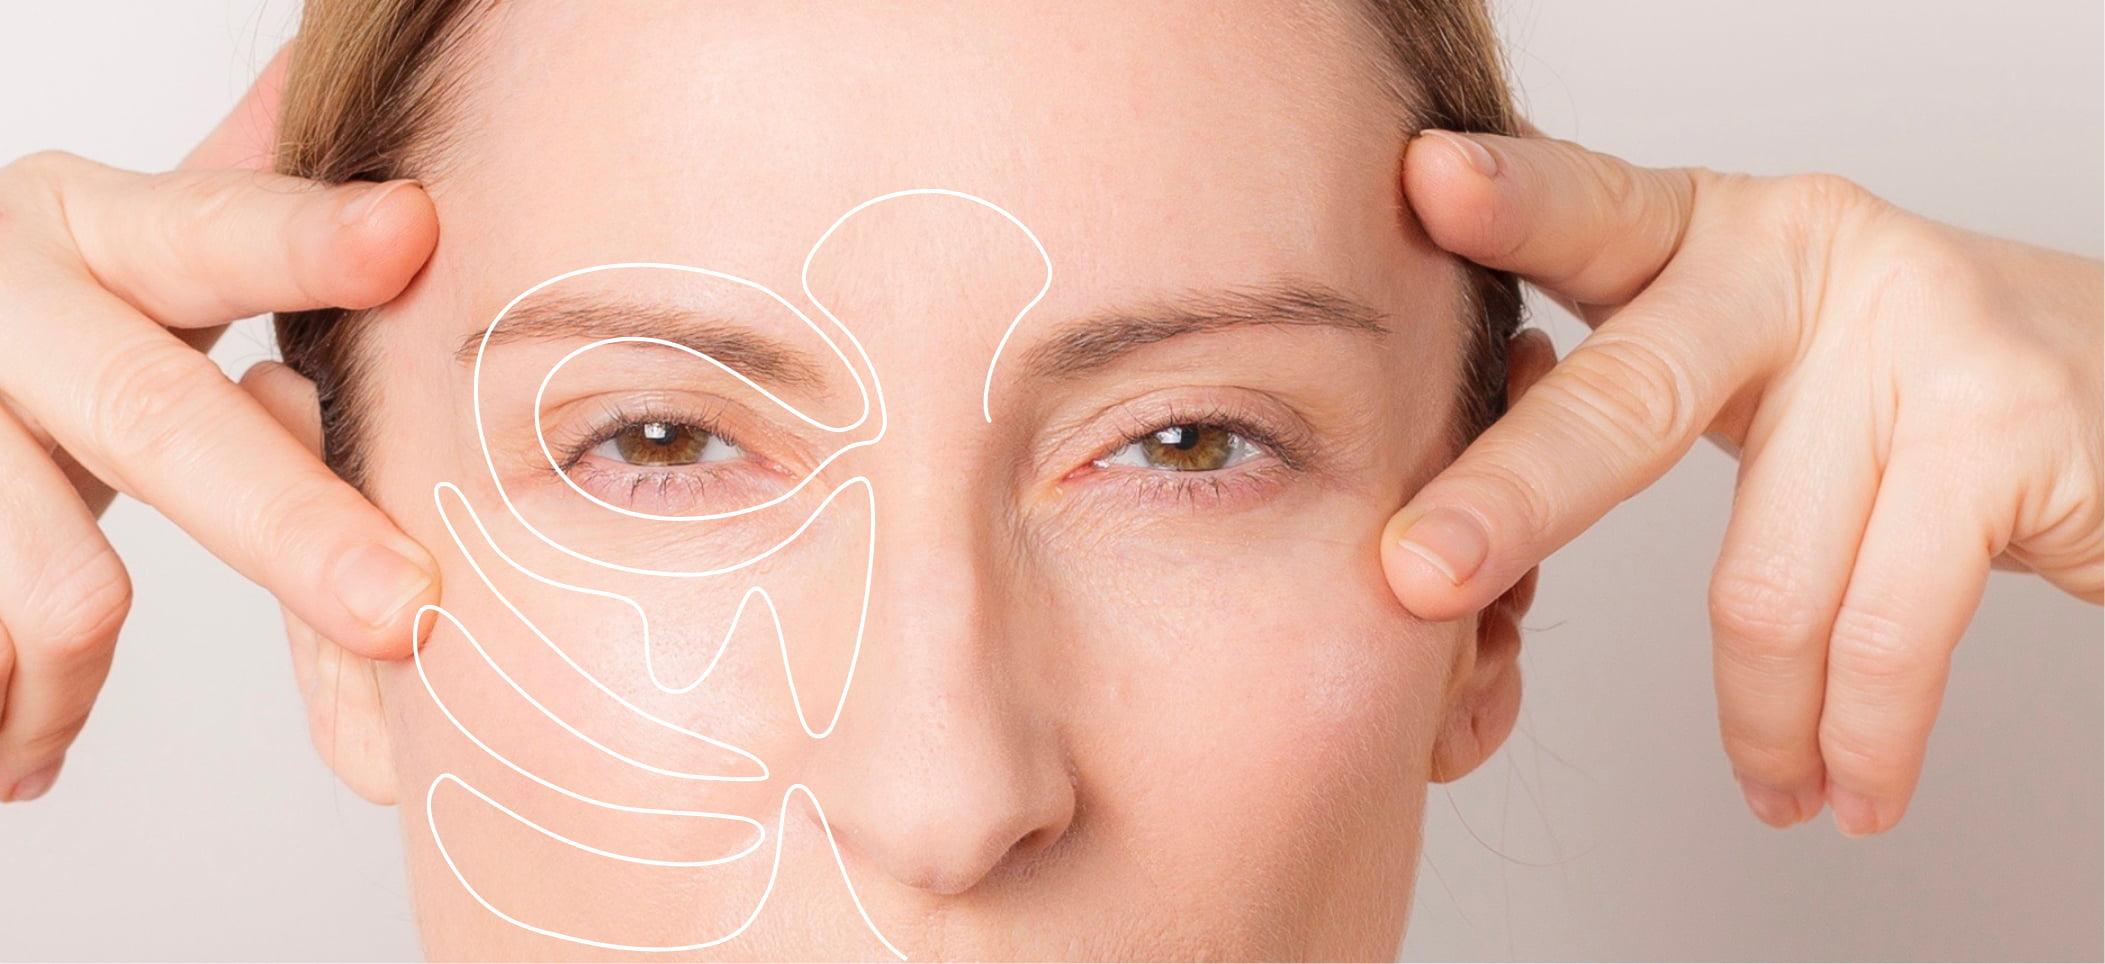 Ira Ganas mit der Face Yoga Übung Eye Flex